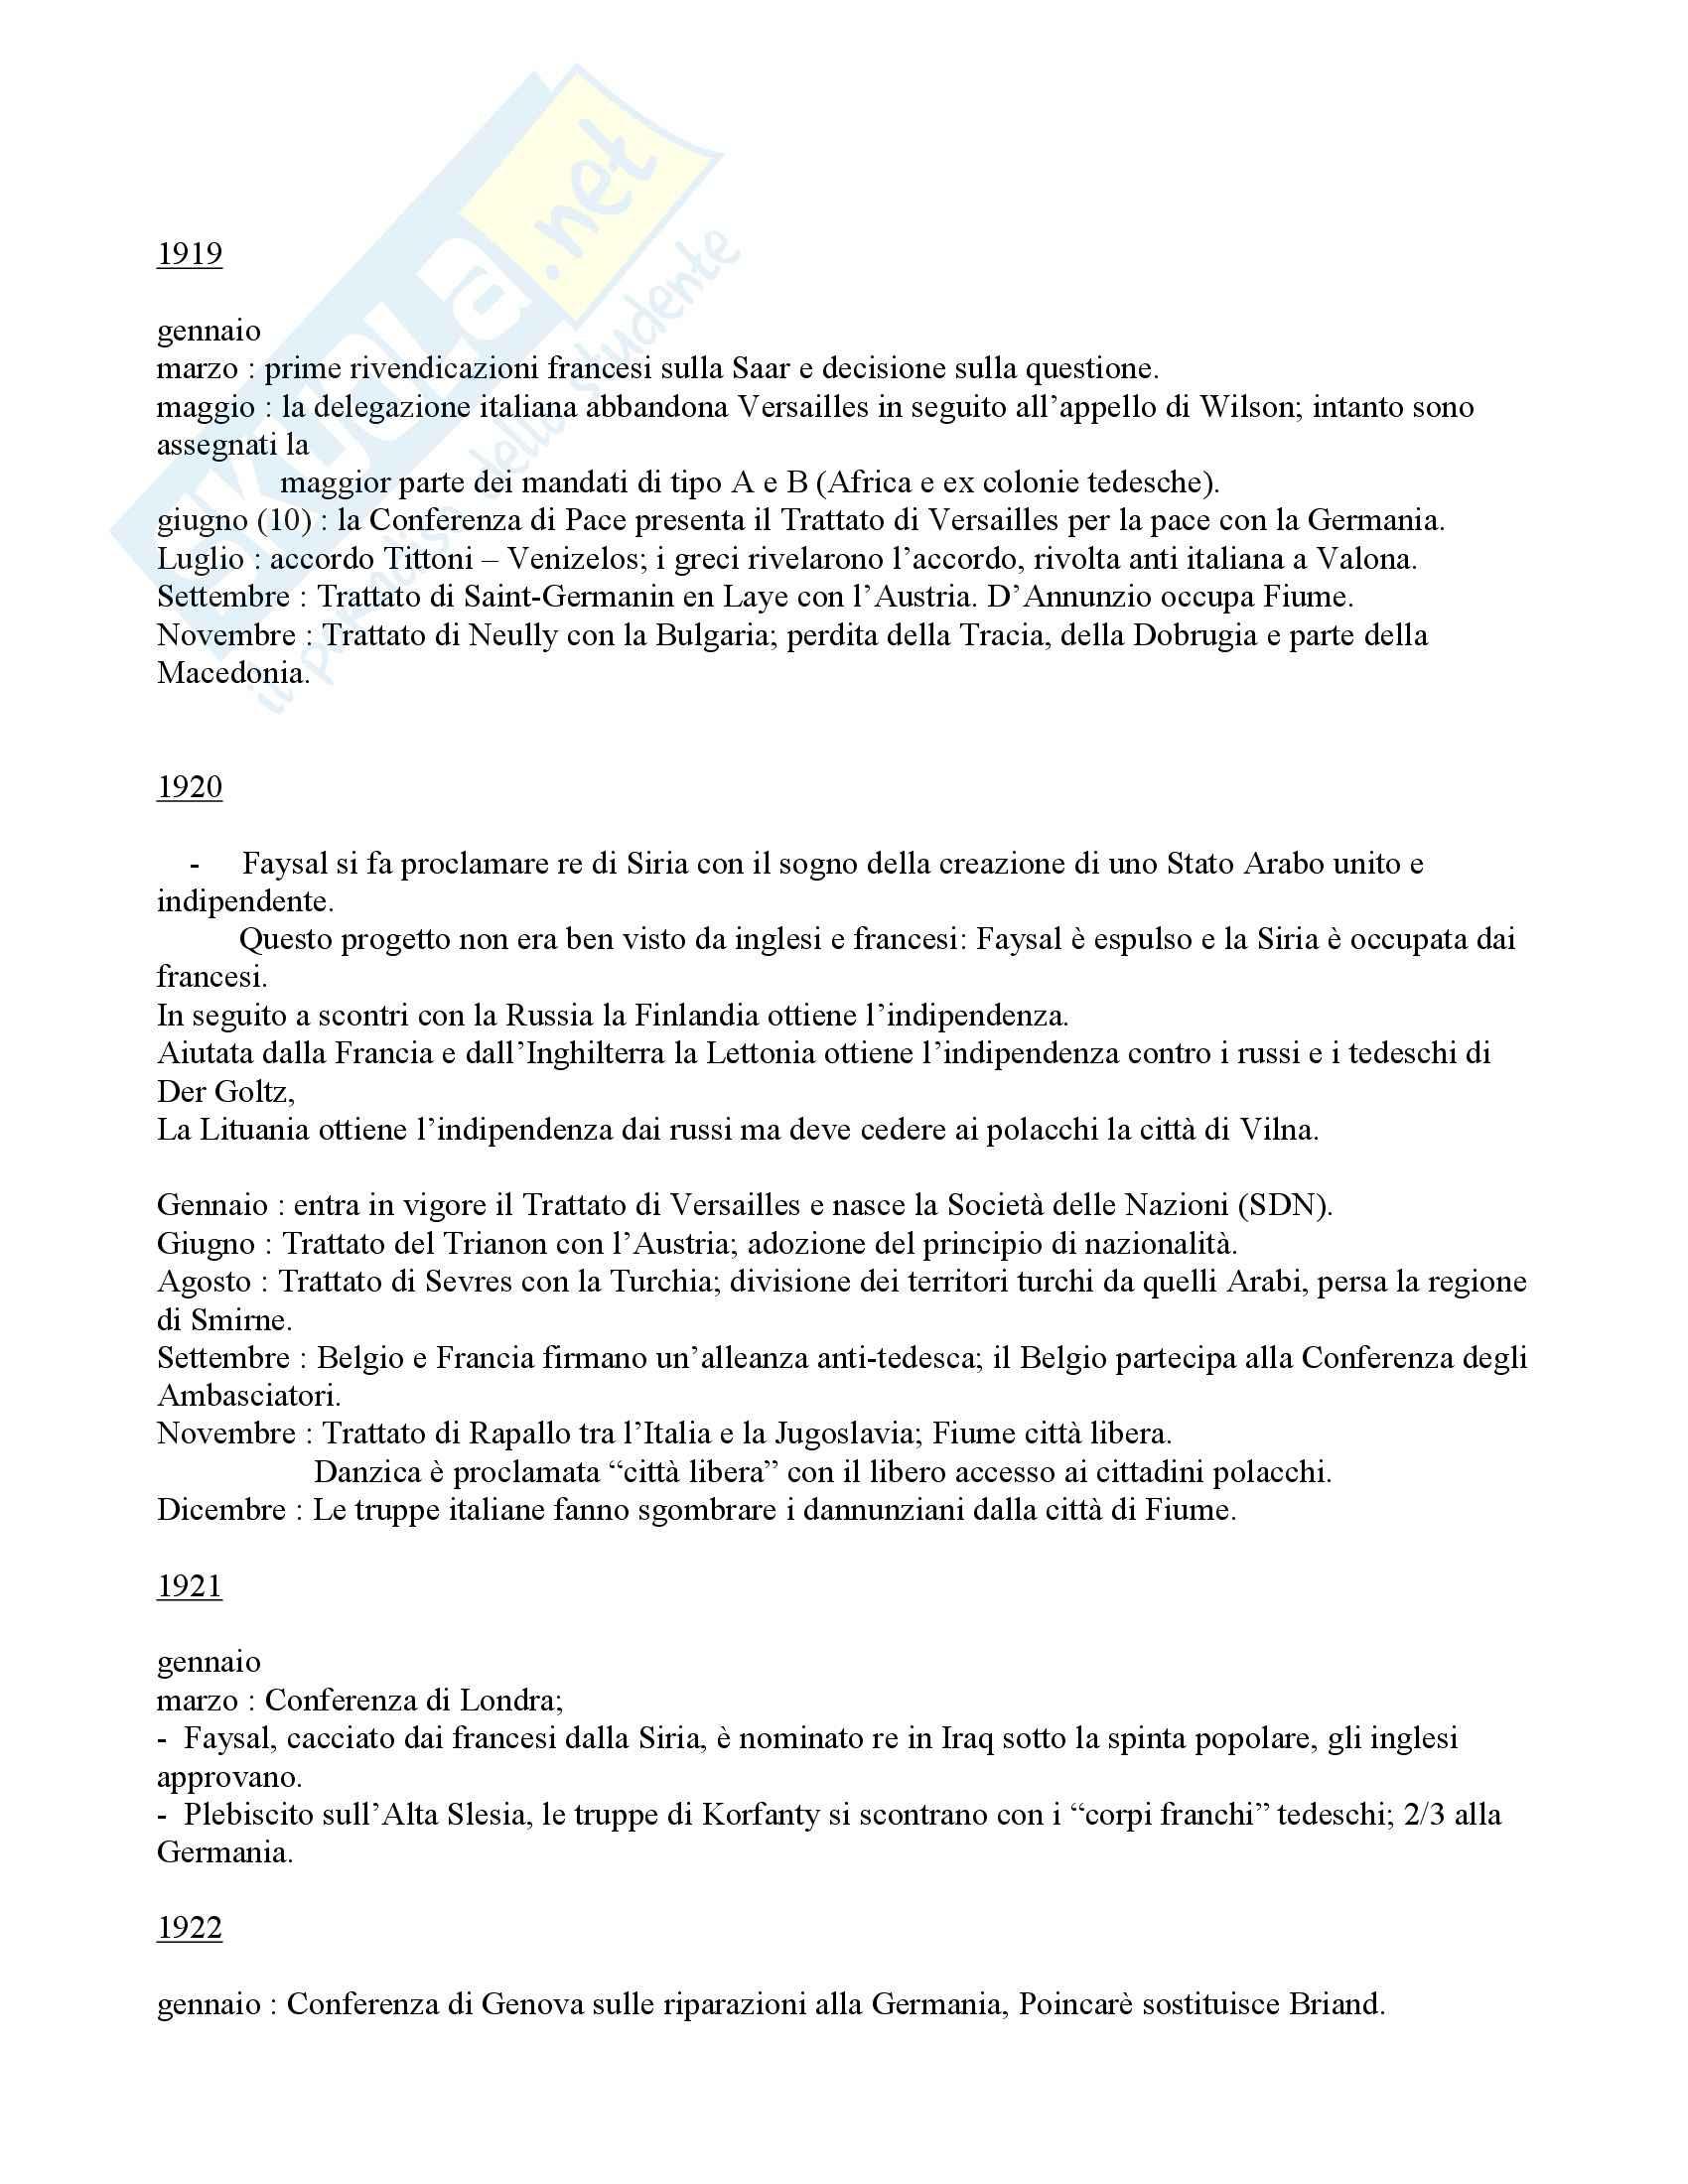 Politica internazionale - storia diplomatica - Appunti Pag. 96